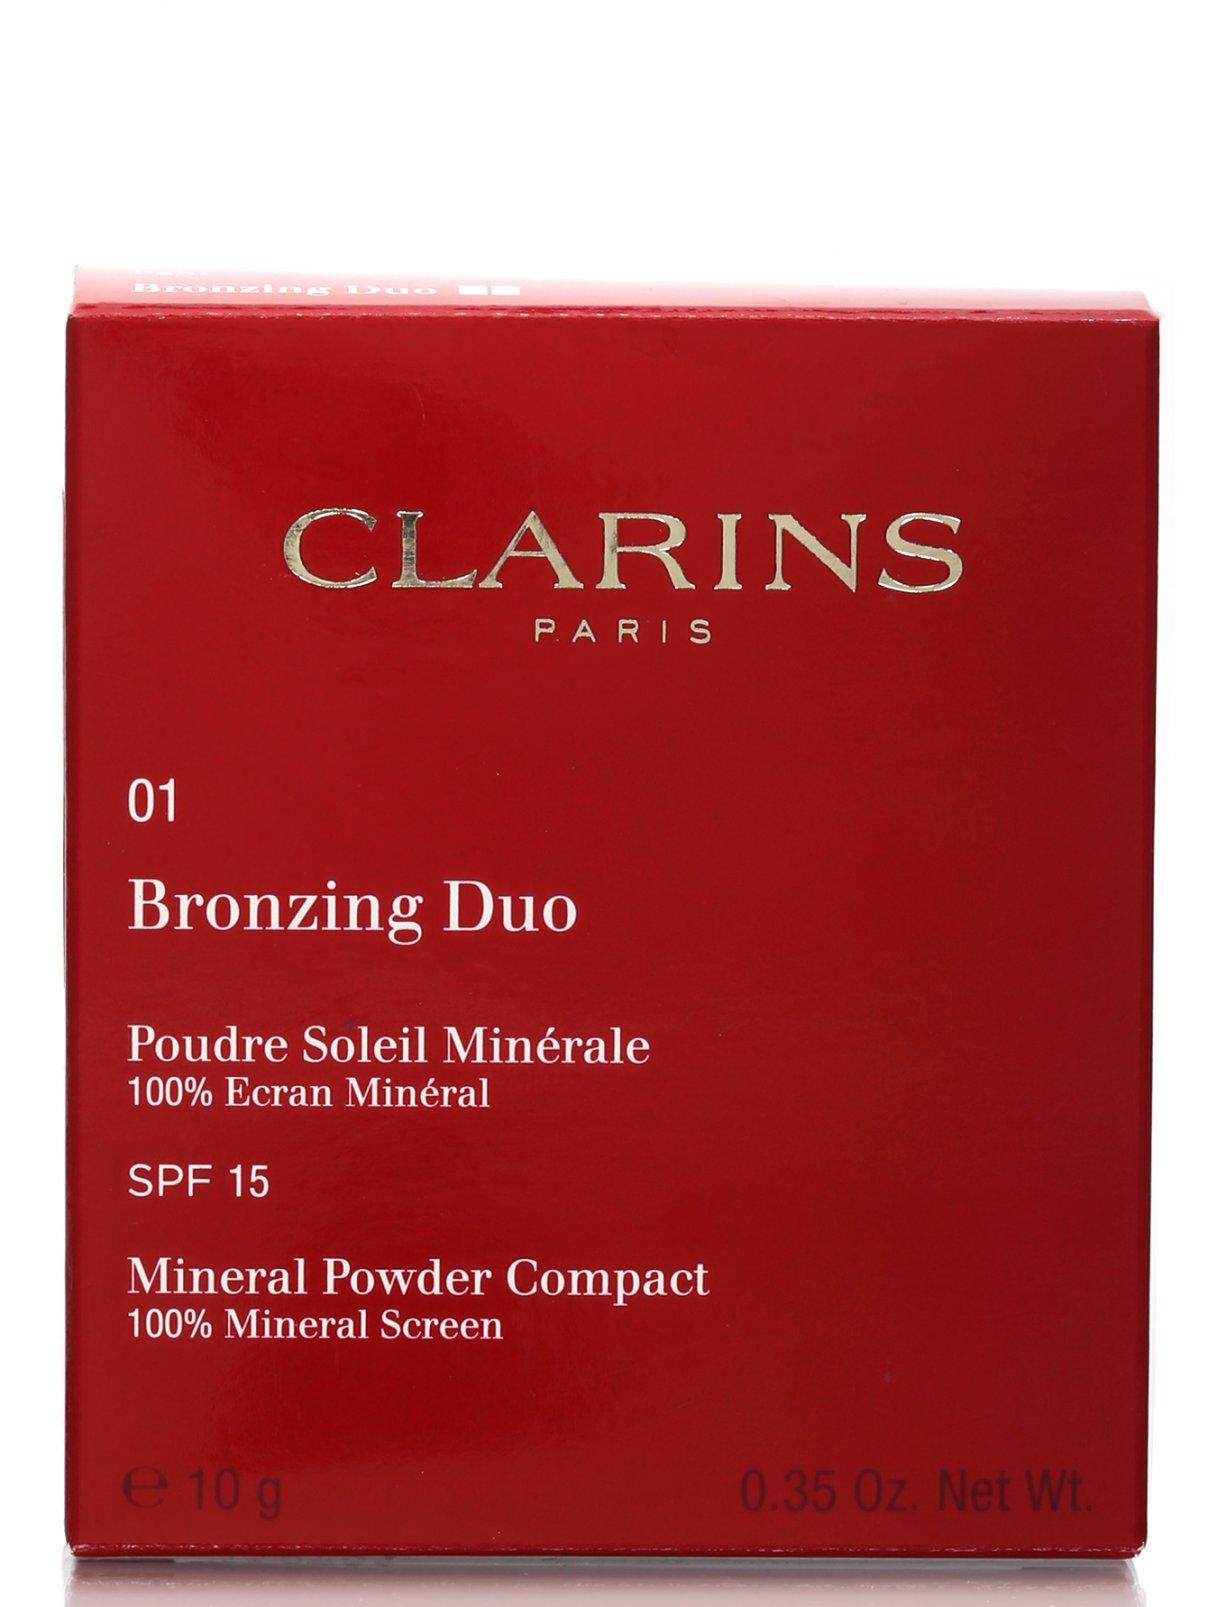 Двухцветная компактная минеральная пудра - №01, Bronzing Duo Clarins  –  Модель Общий вид